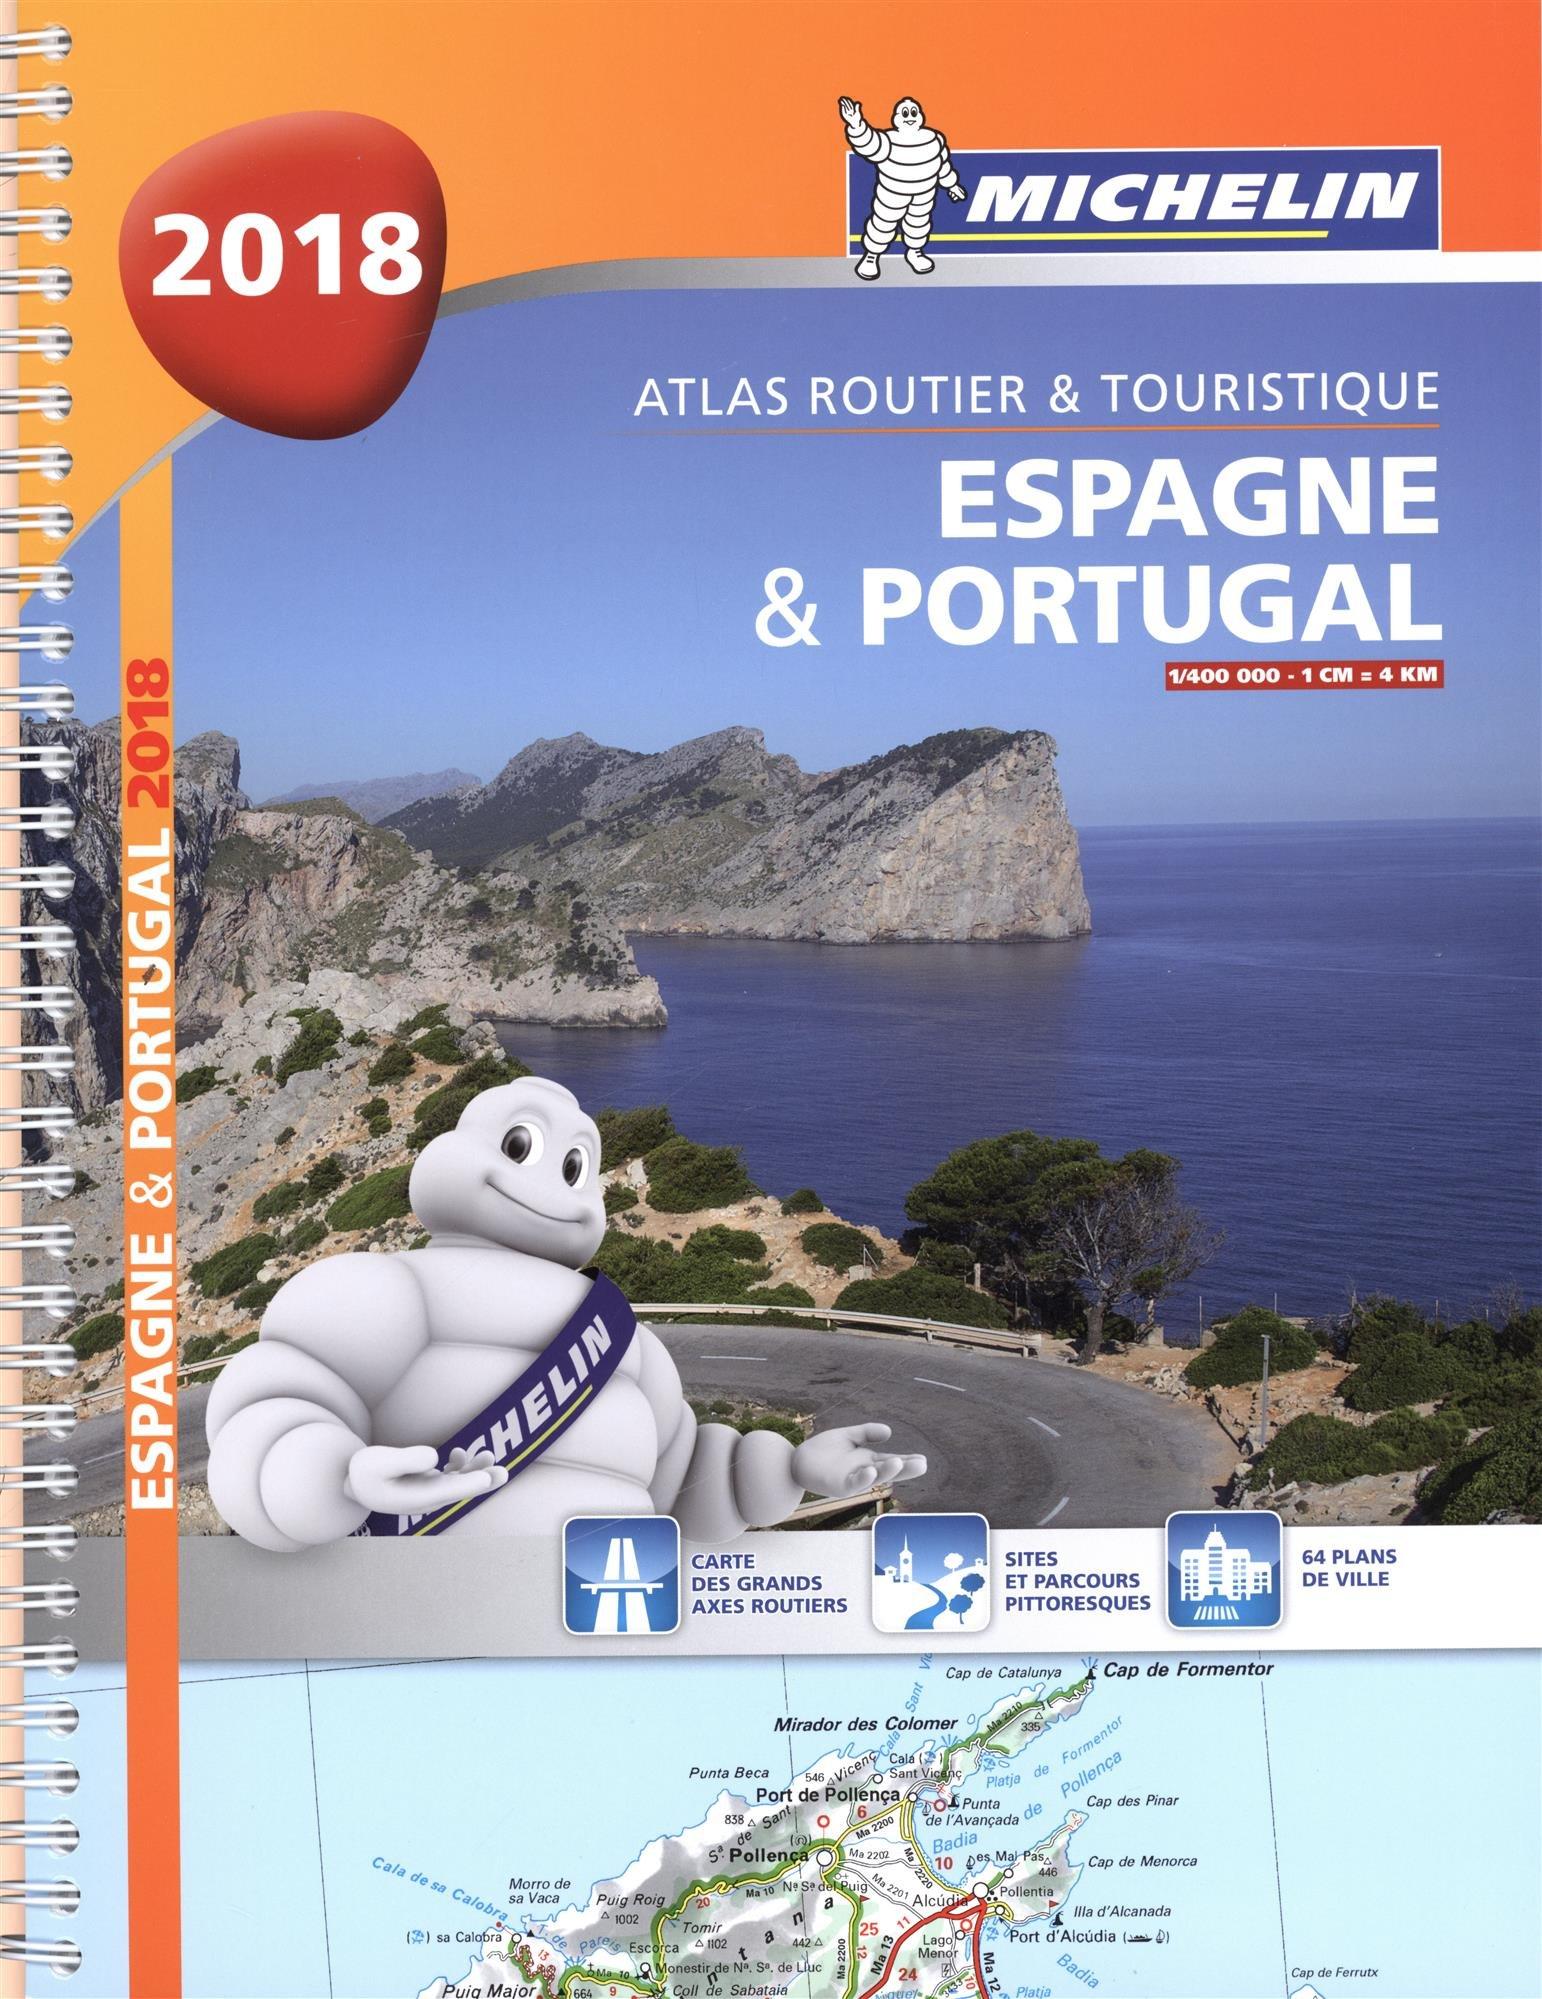 Espagne & Portugal 2018 - Atlas Routier et Touristique Relié – 1 janvier 2018 Michelin 2067227726 Atlas routiers